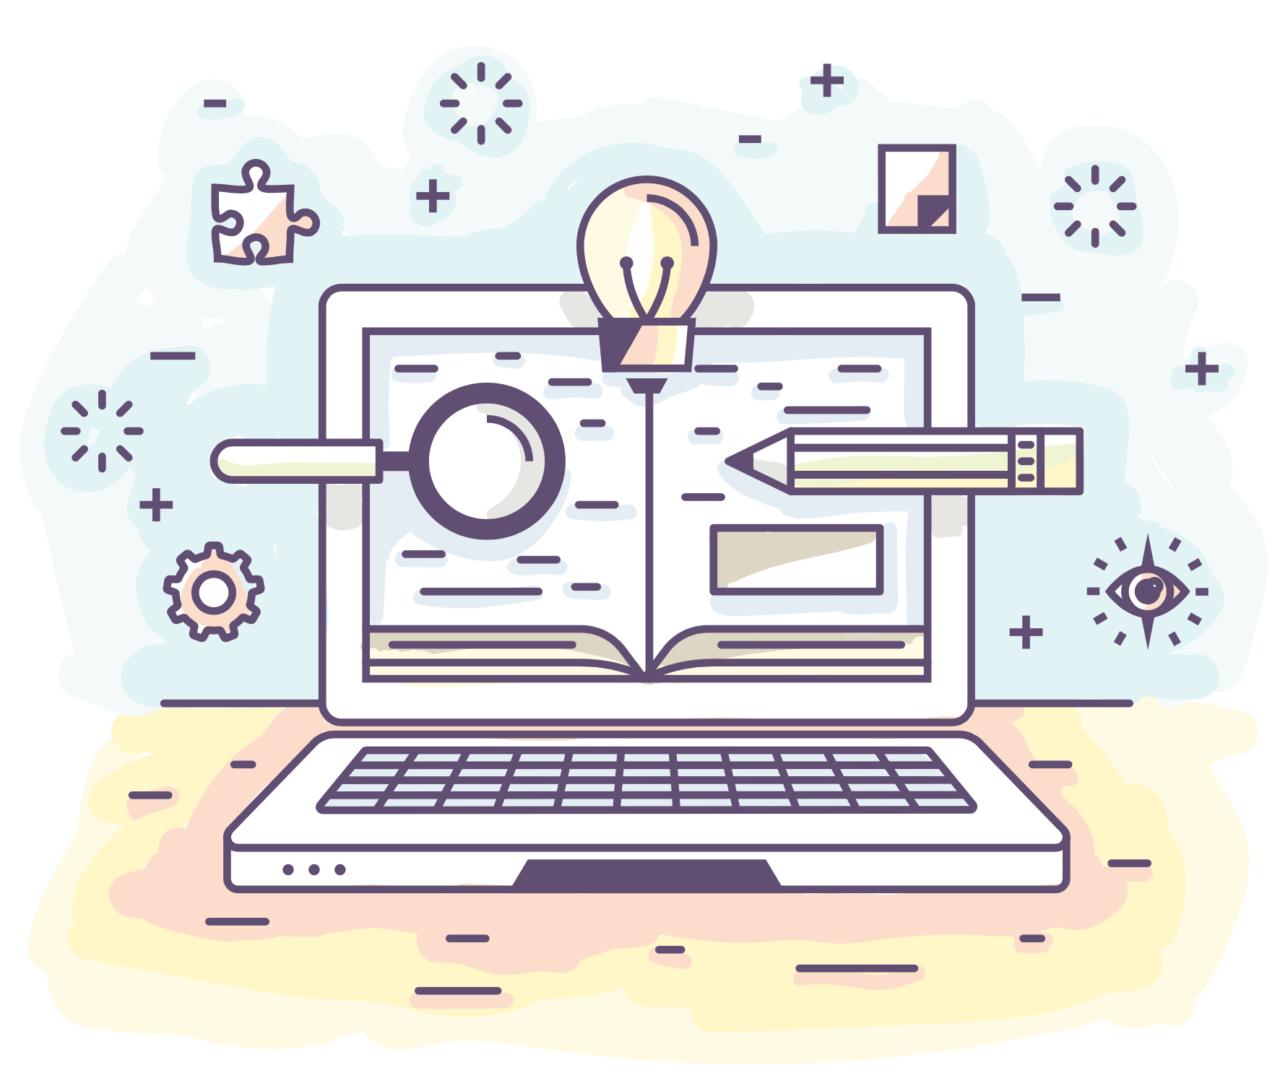 『SEOを学ぶ!』38個のブログ・リソース・出版物を紹介_サムネイル